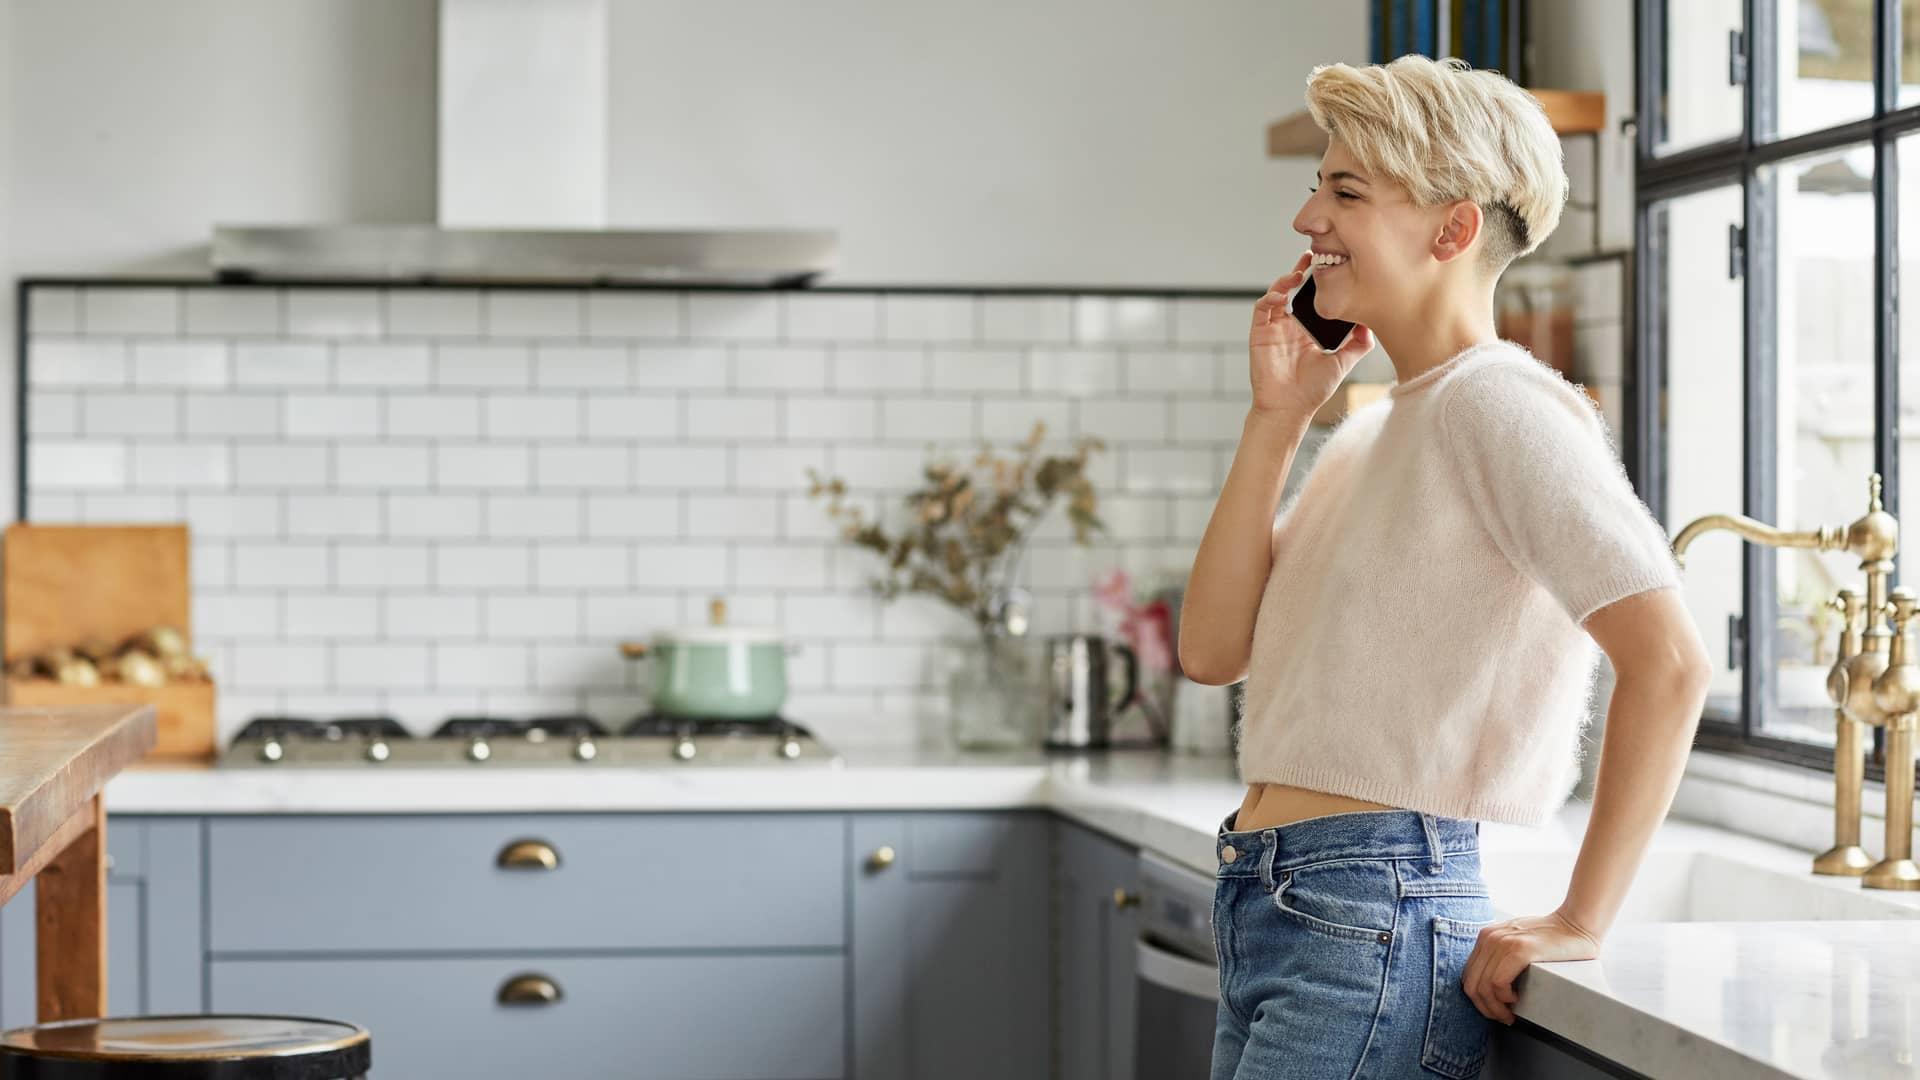 Mujer en su casa hablando por teléfono móvil simboliza teléfono fijo en el móvil